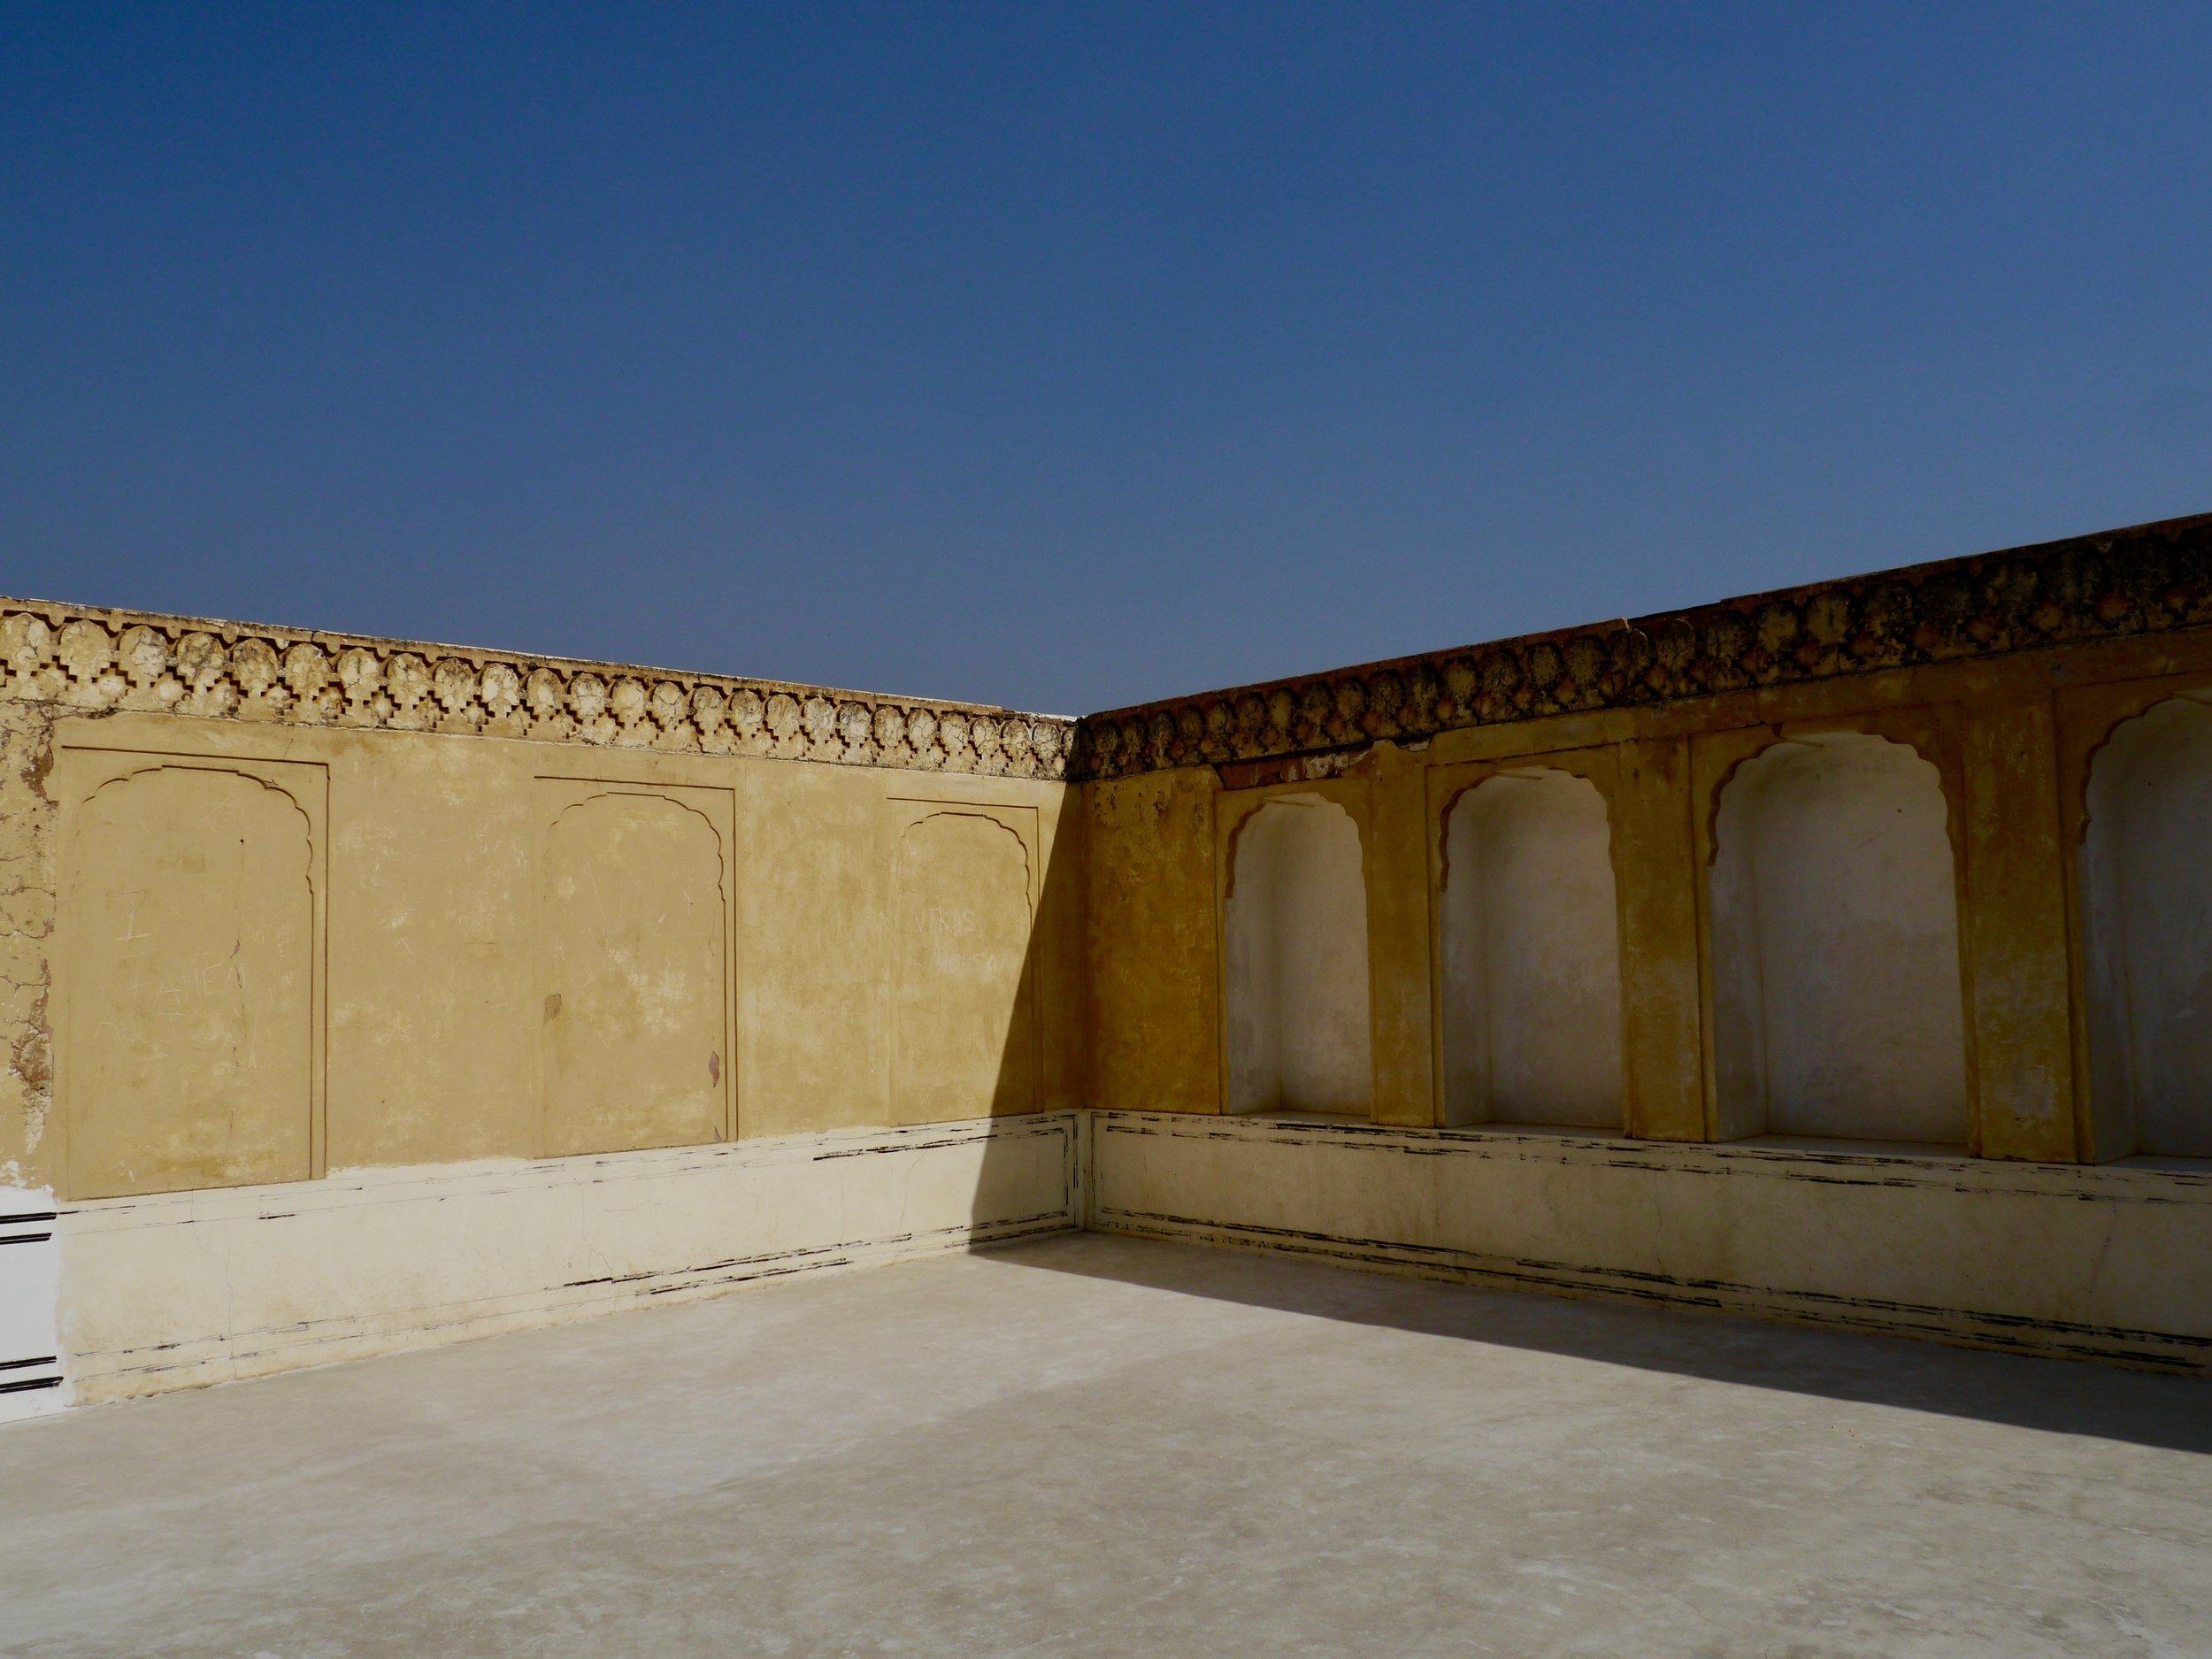 'Amer Palace', Jaipur